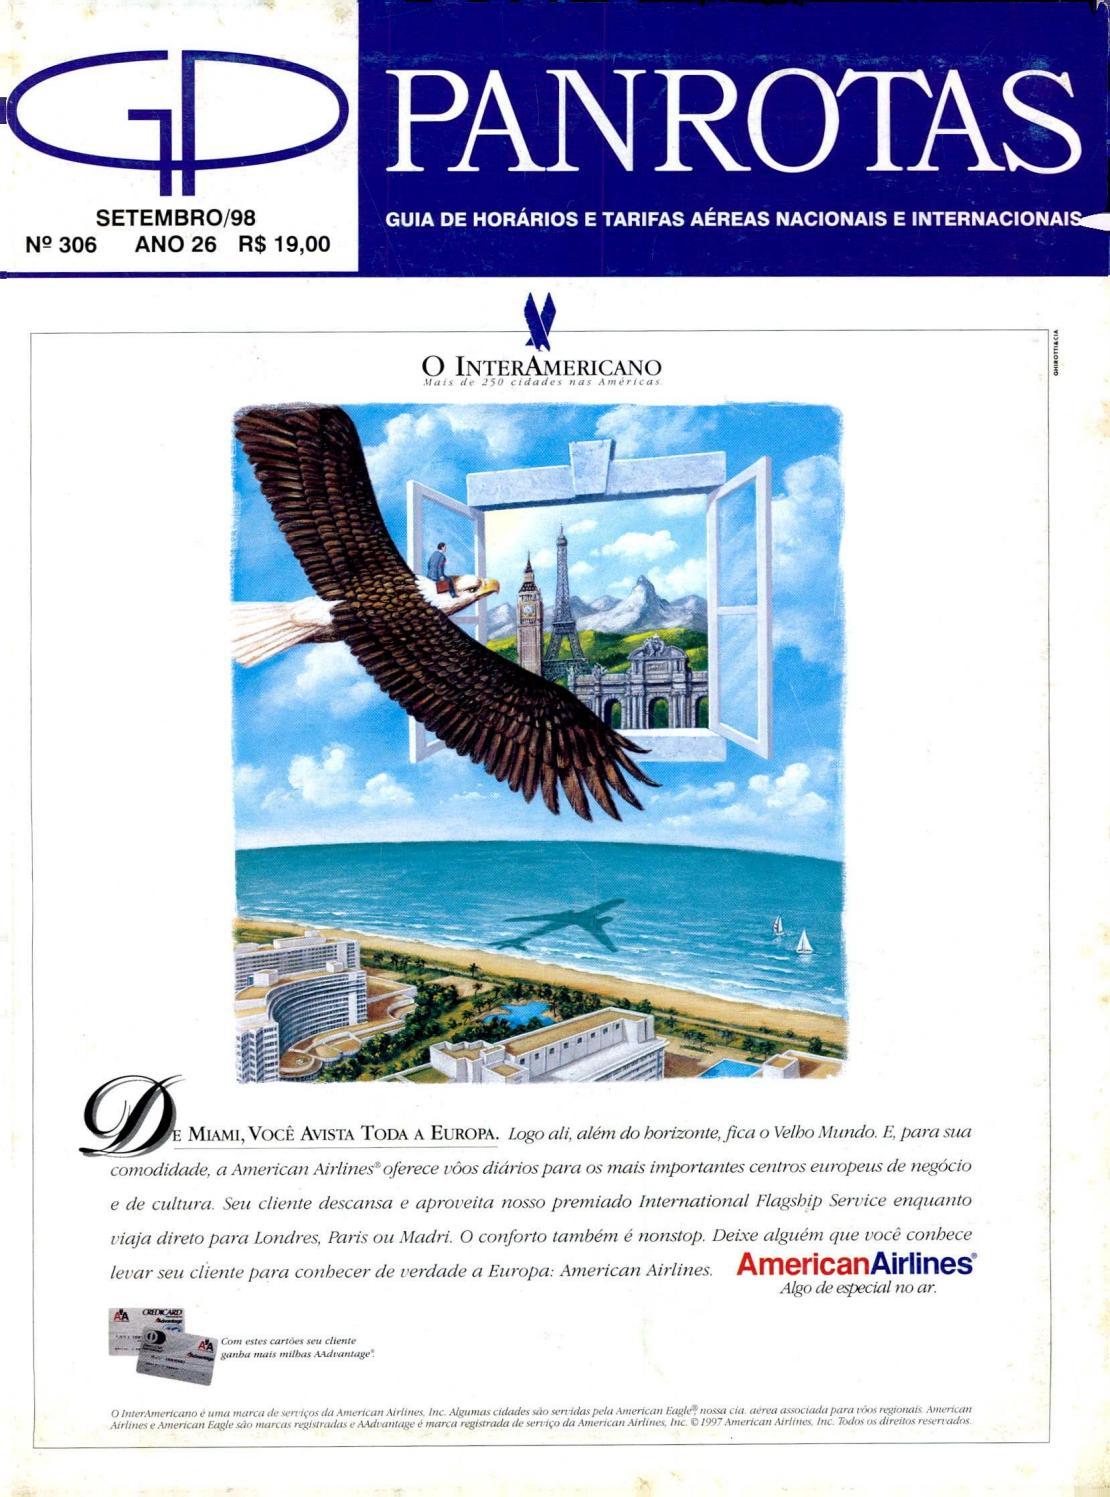 Guia PANROTAS - Edição 306 - Setembro 1998 by PANROTAS Editora - issuu 512ecbe059174